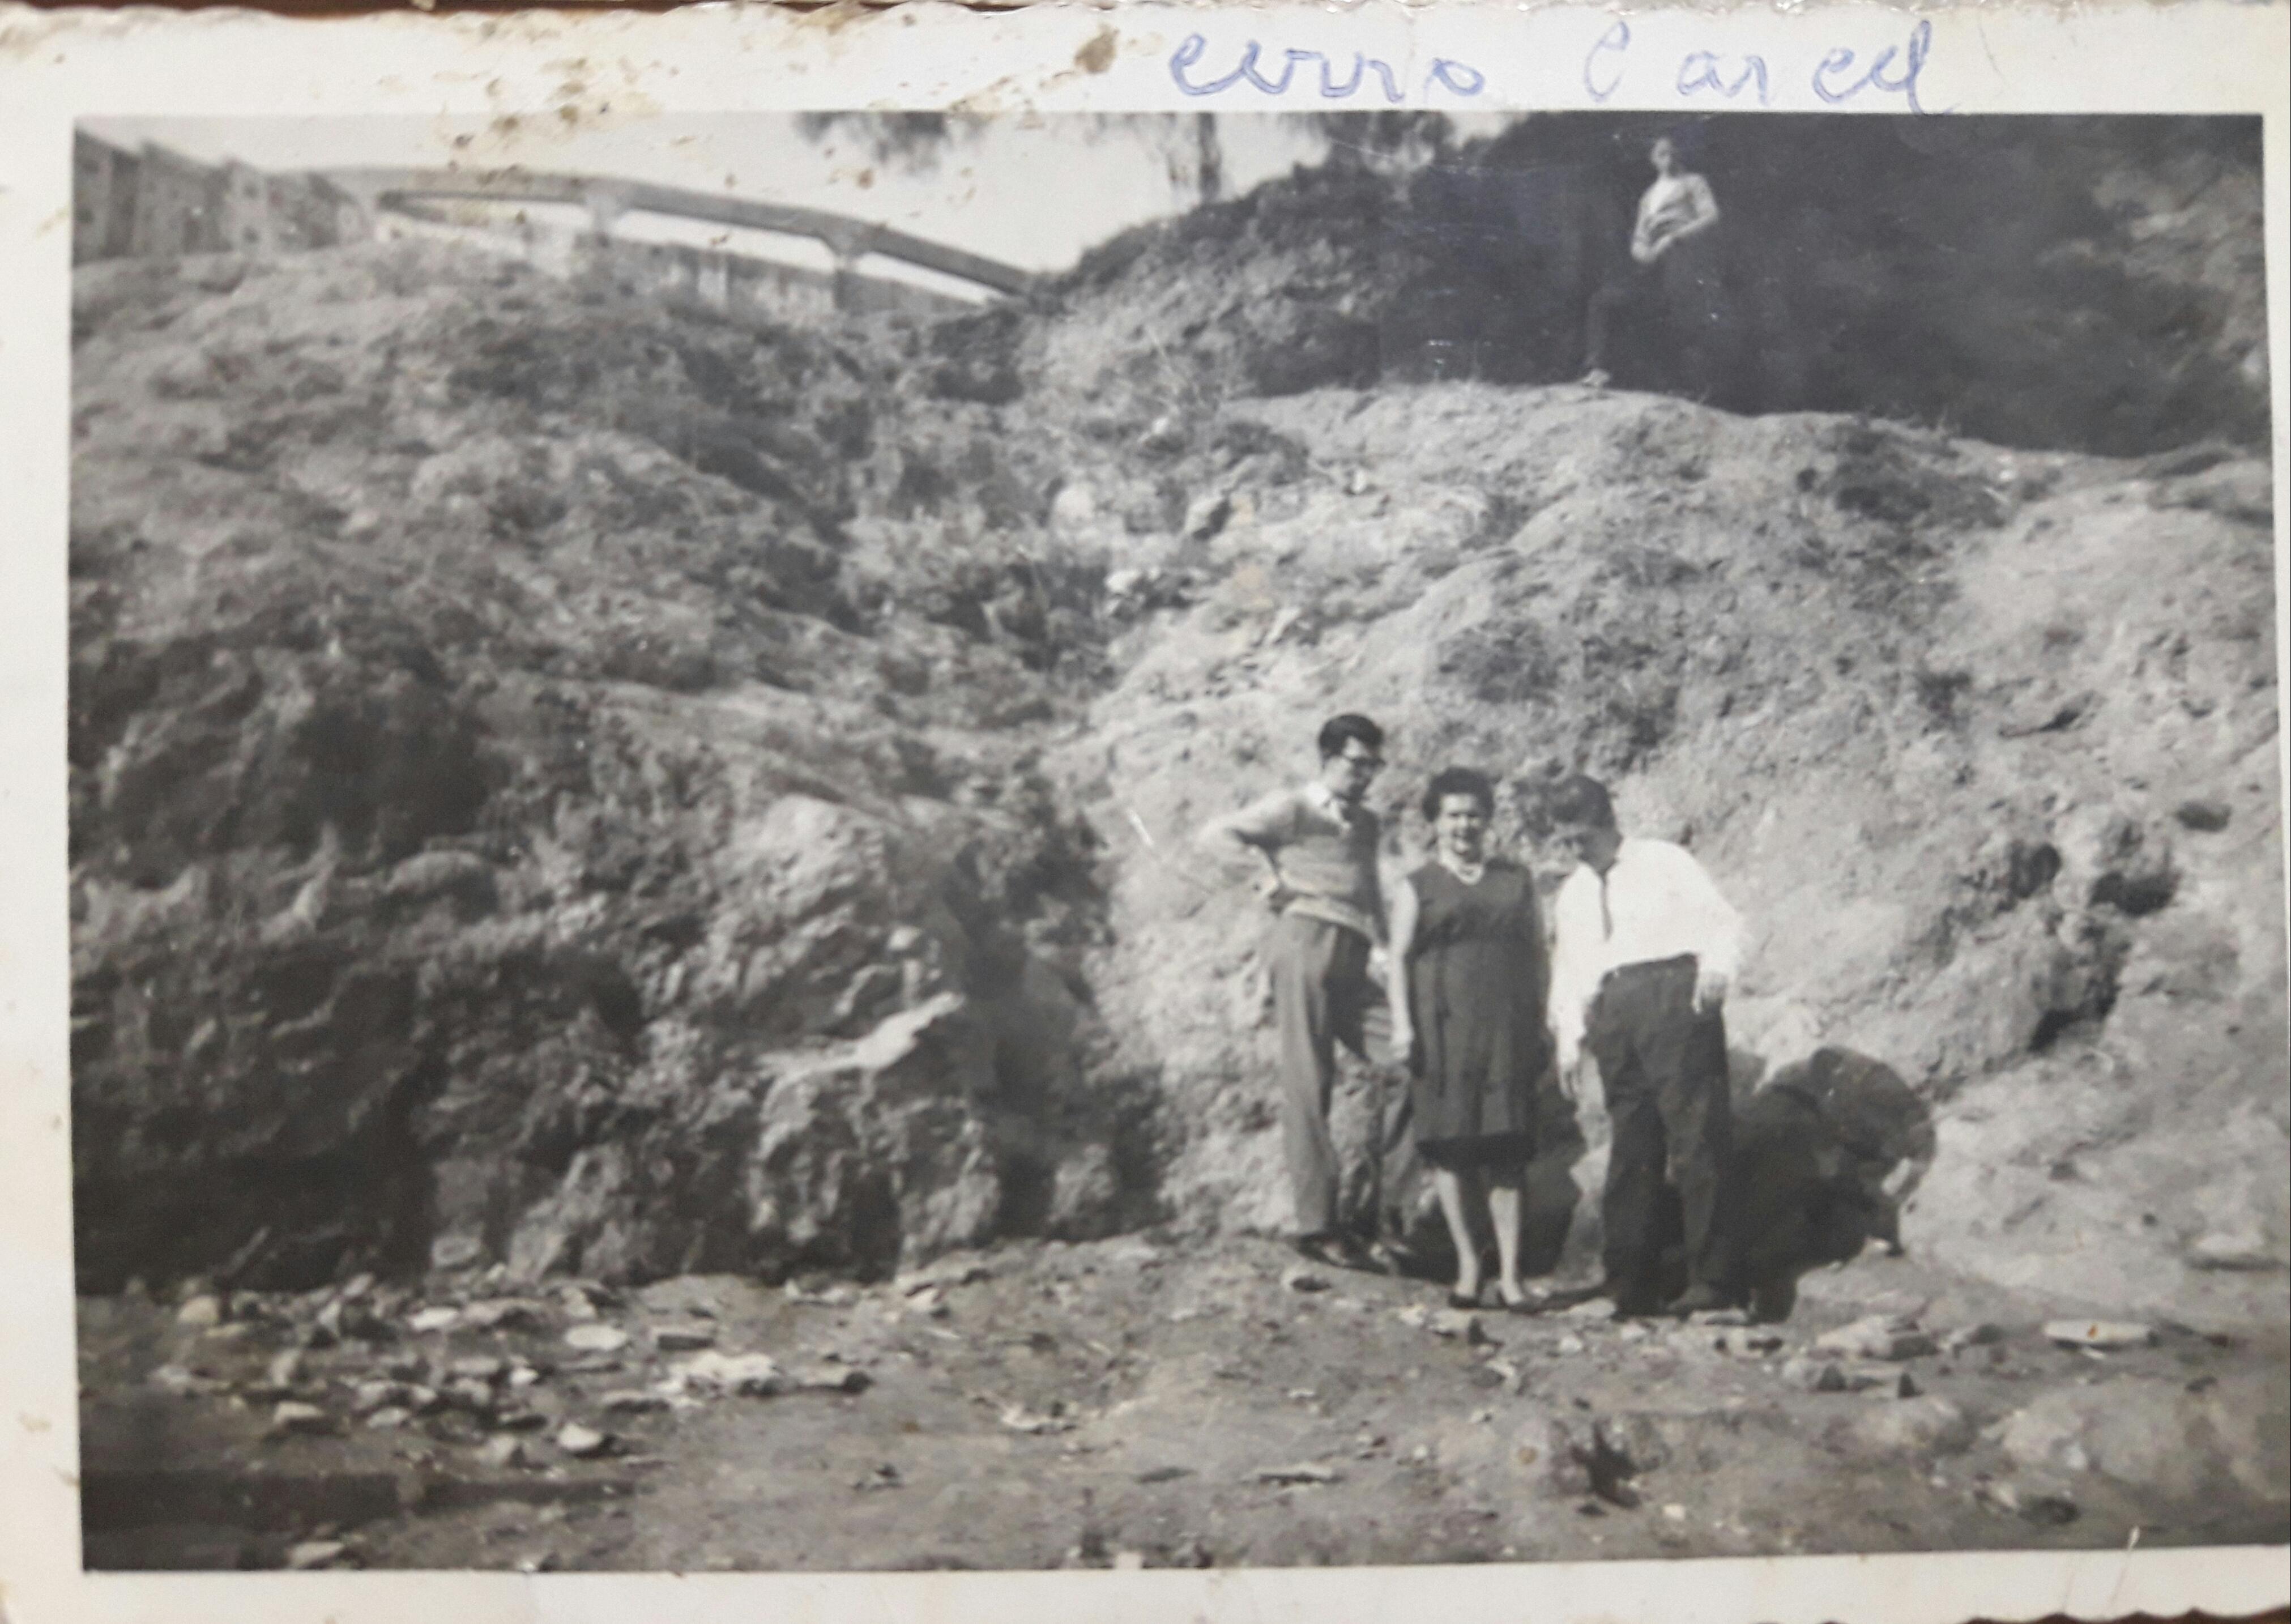 Enterreno - Fotos históricas de chile - fotos antiguas de Chile - Vista de estanque Cerro Cárcel, 1960